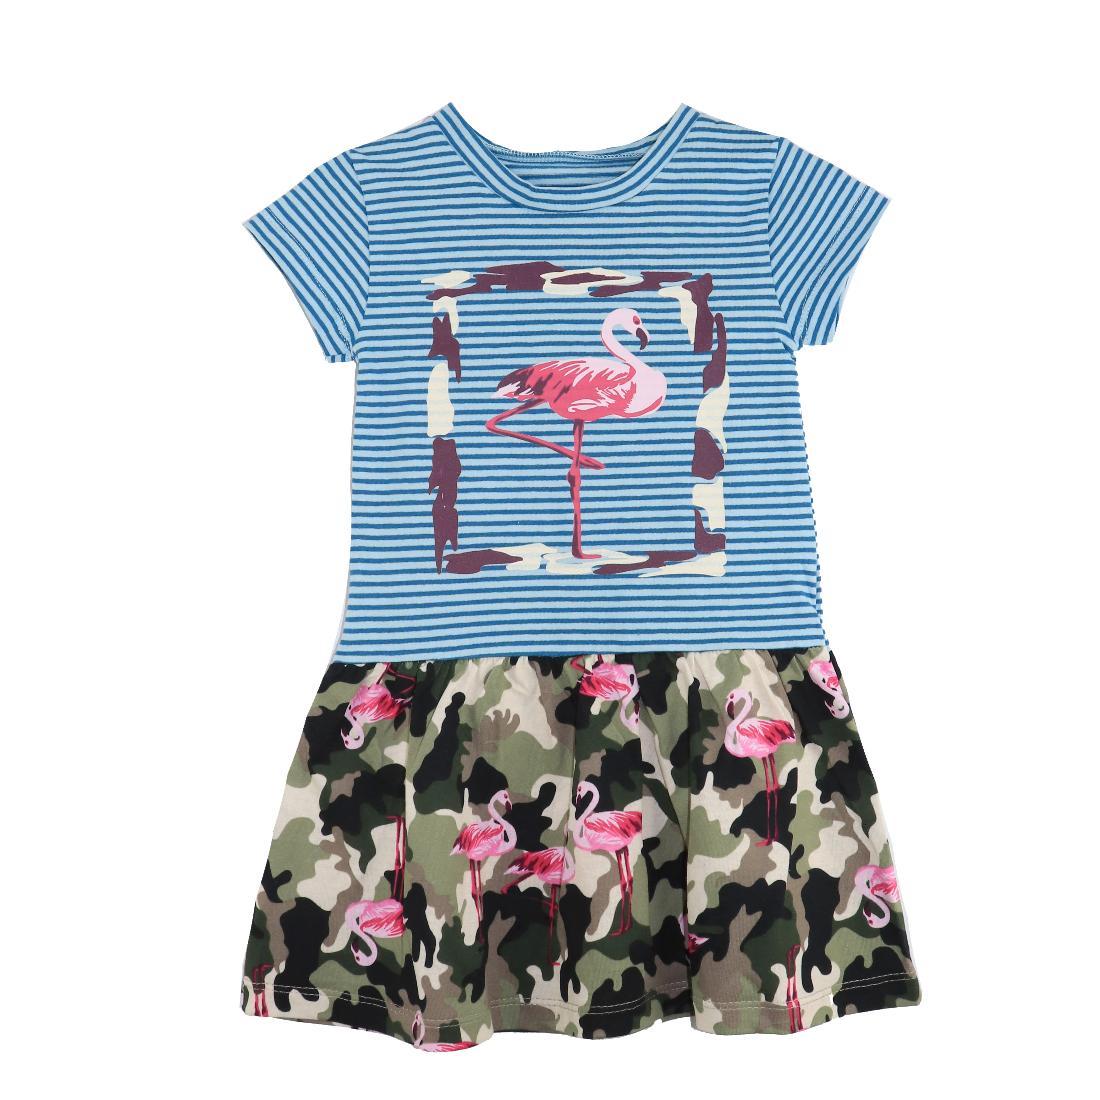 Купить 609к ап, Платье детское Юлла, цв. голубой р. 122, Платья для девочек